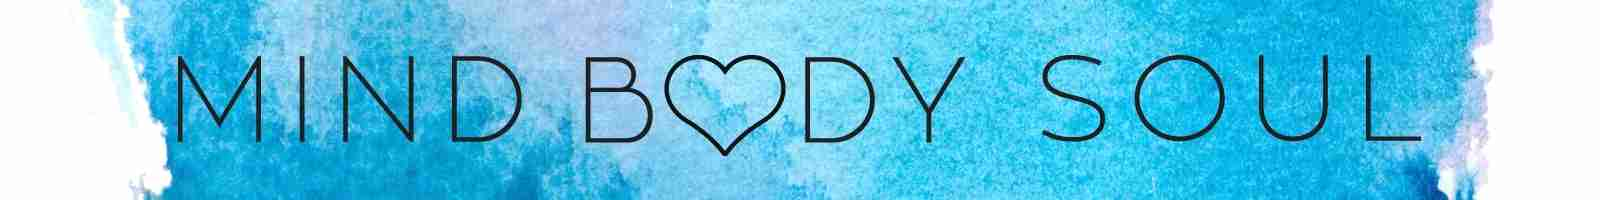 website banner logo